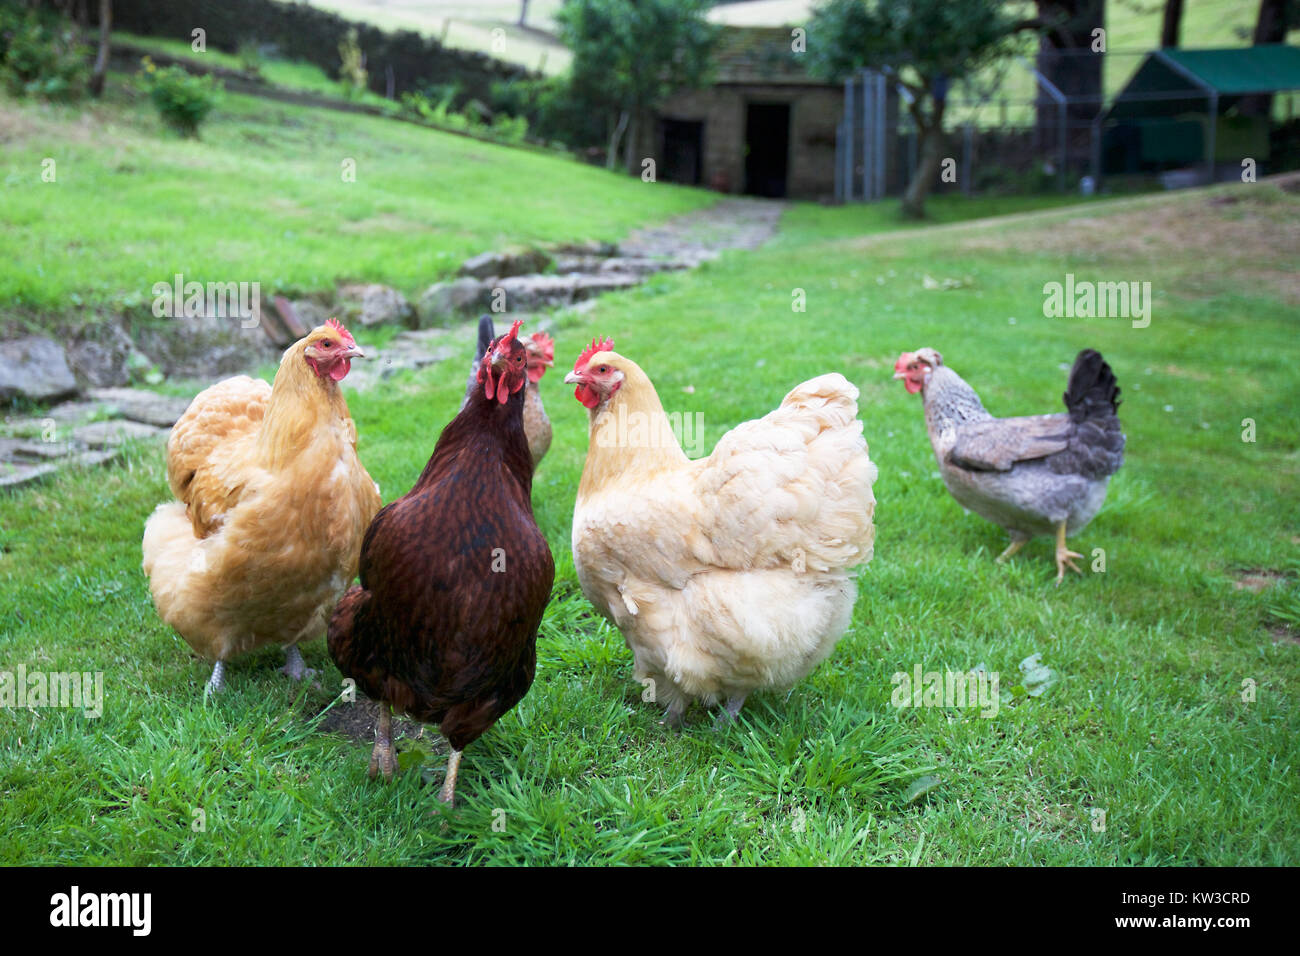 Hühnerhaltung Im Garten hühner im garten stock photos hühner im garten stock images alamy